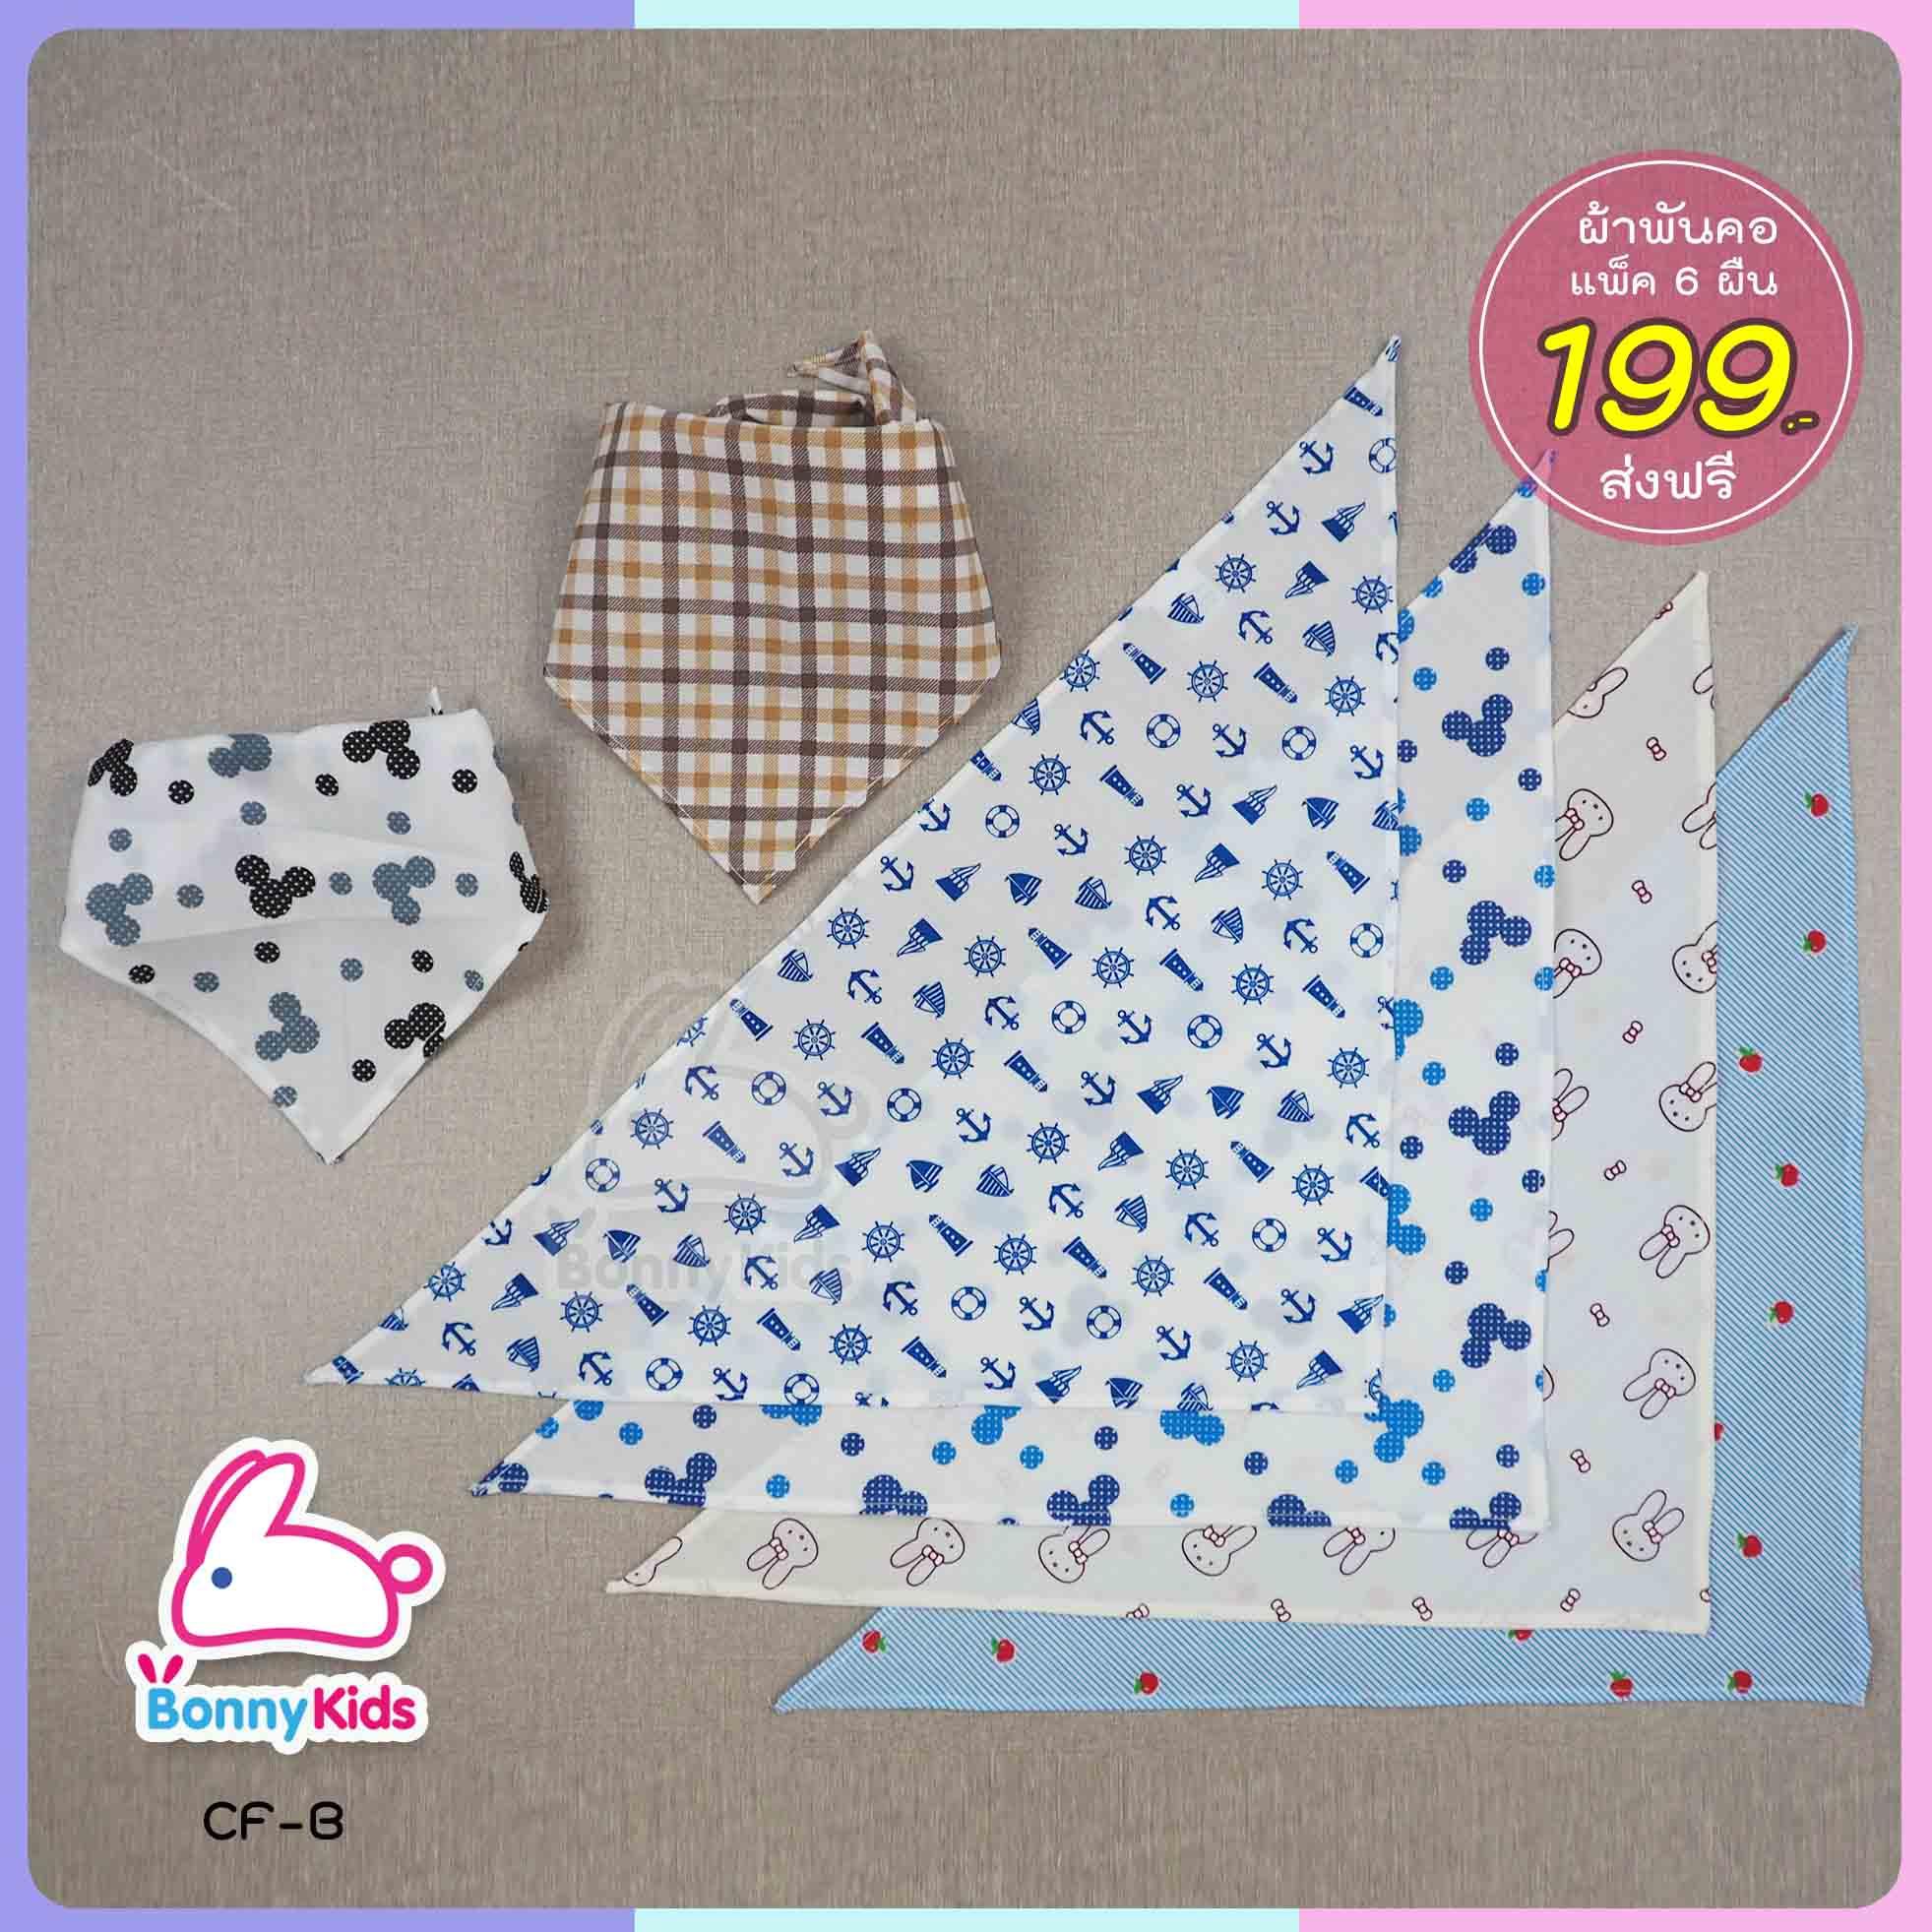 ผ้าพันคอเด็กอ่อนสามเหลี่ยม อเนกประสงค์แสนน่ารัก โทนสีเด็กชาย แพ็ค 6 ชิ้น ส่งฟรี